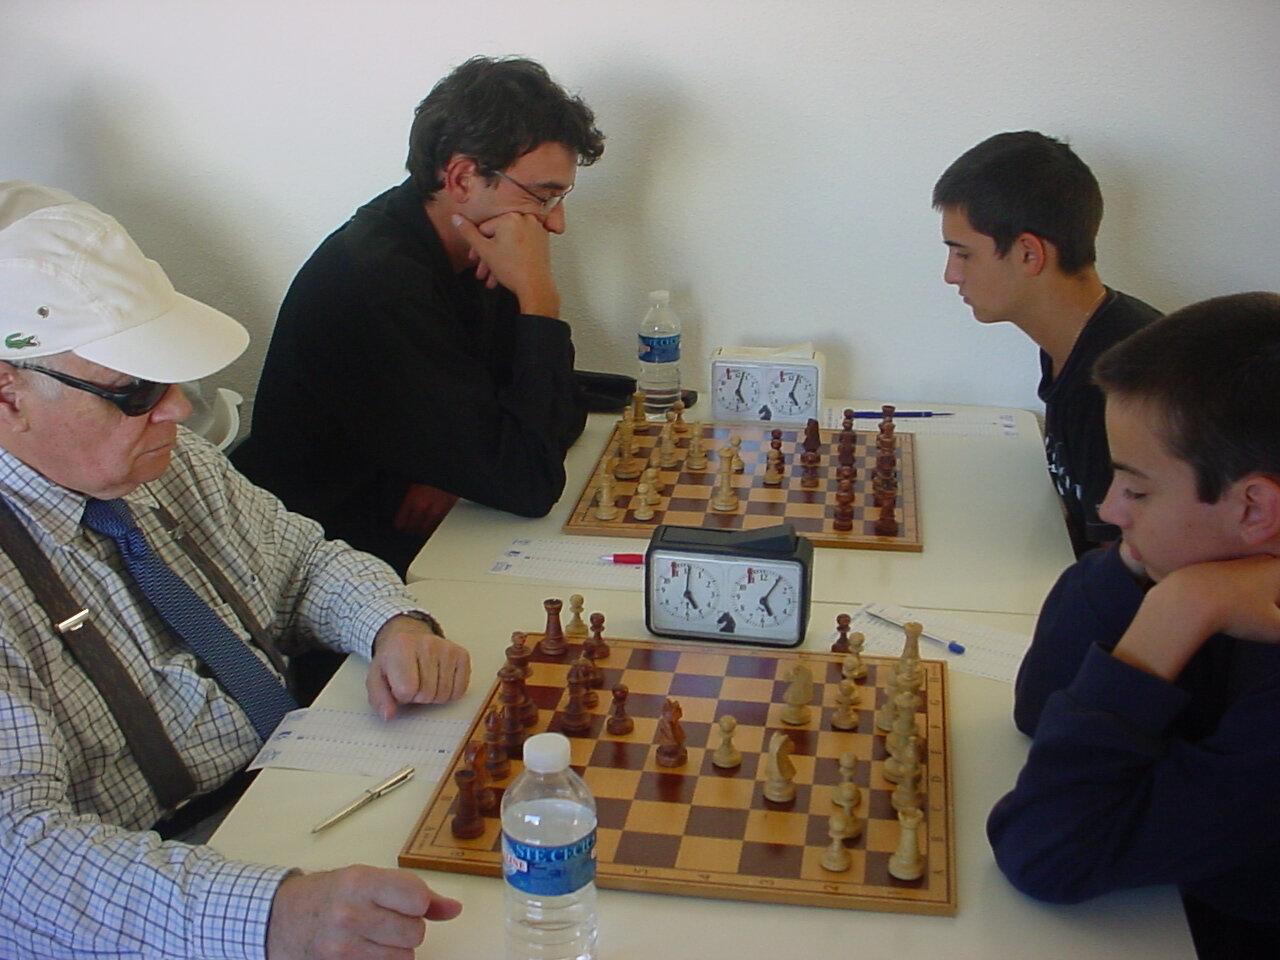 Coupe 1700-2000 2008-2009 (33) Au fond, Oliviez Gonzalez vs Julien Salvetti - Avec la casquette, Jacques Paccard